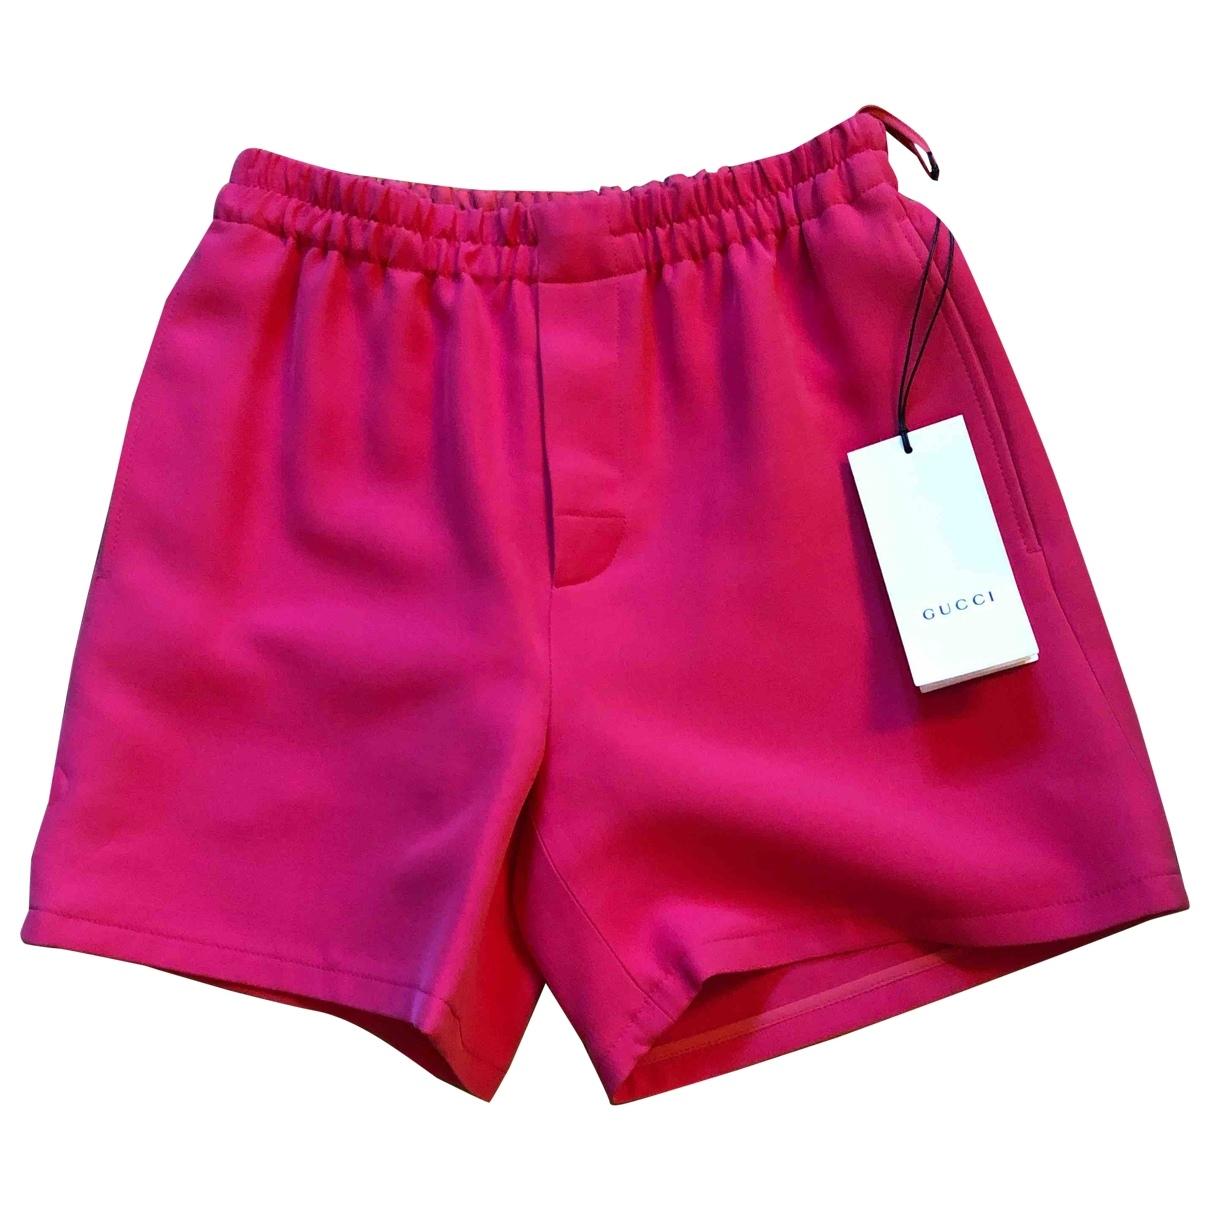 Gucci - Short   pour femme en laine - rose